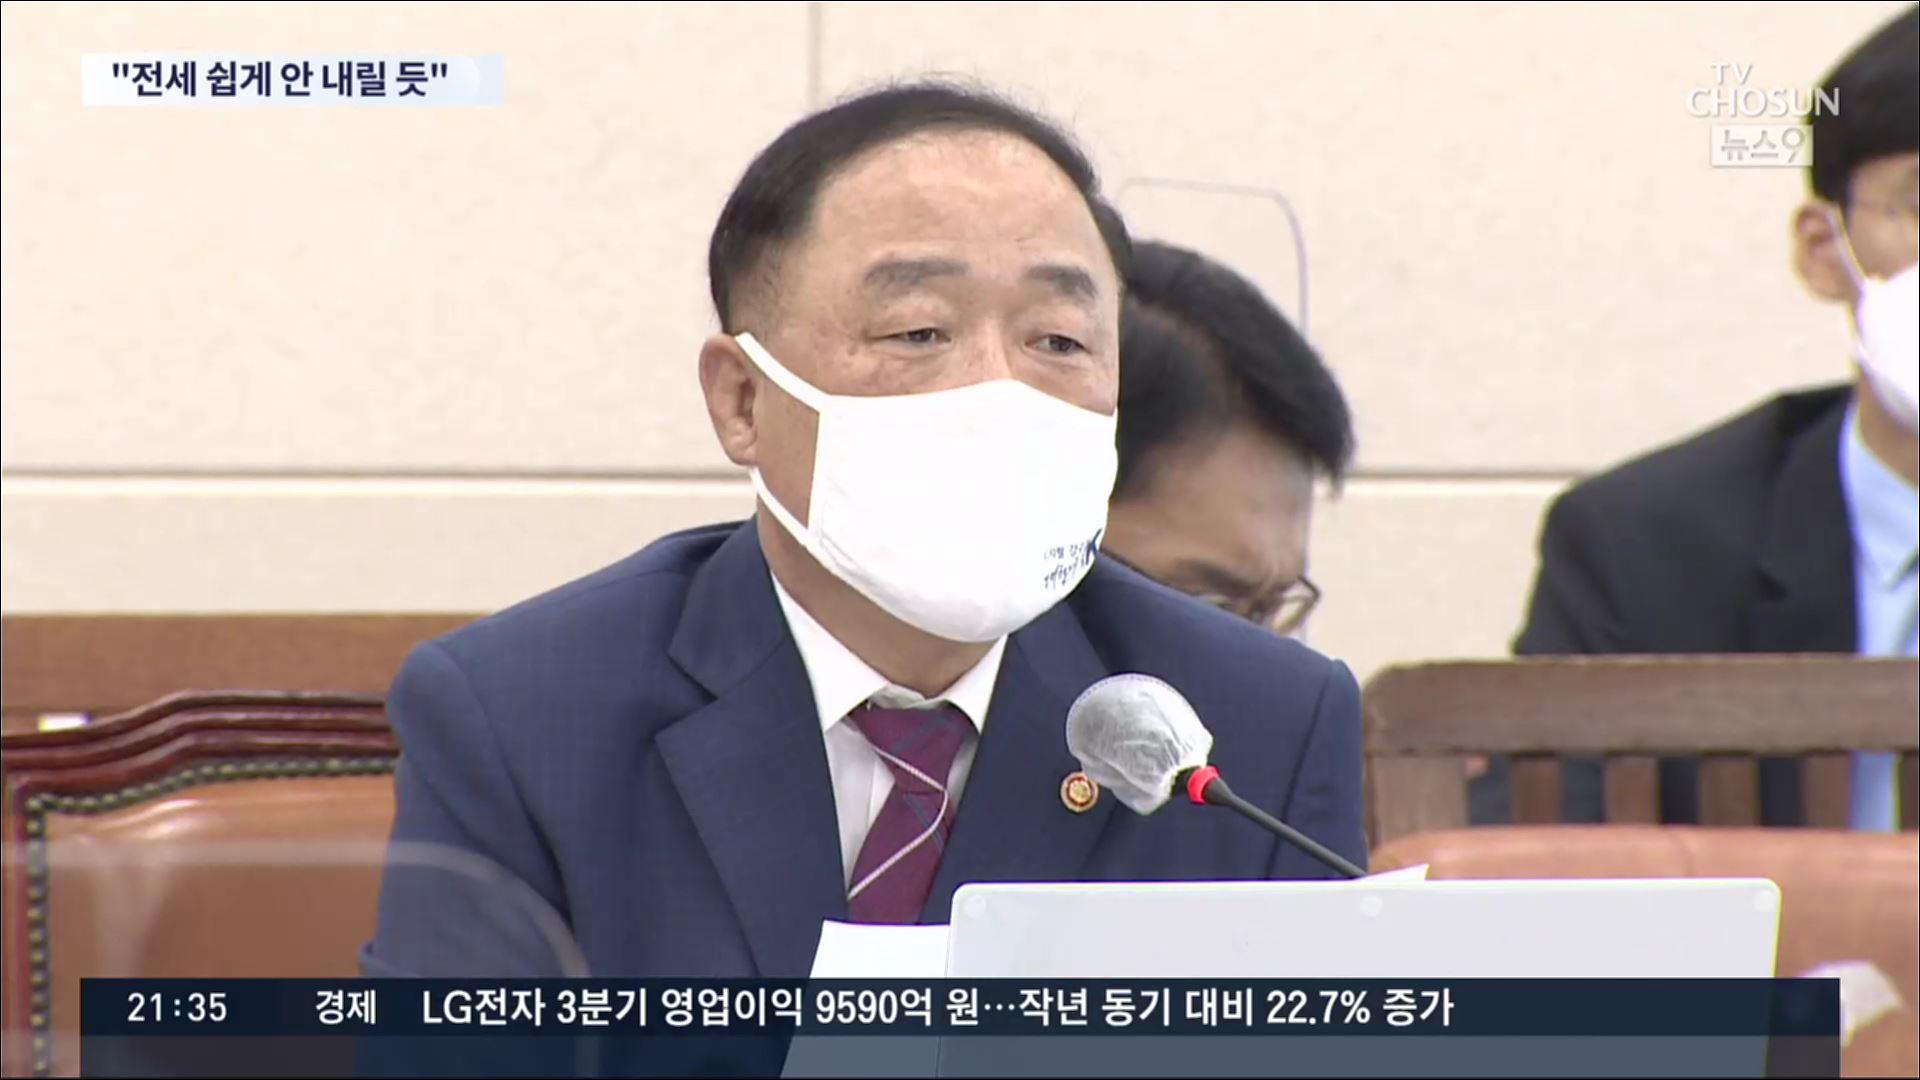 홍남기 '전셋값 쉽게 안 내릴 듯, 추가대책 강구'…또 대책?